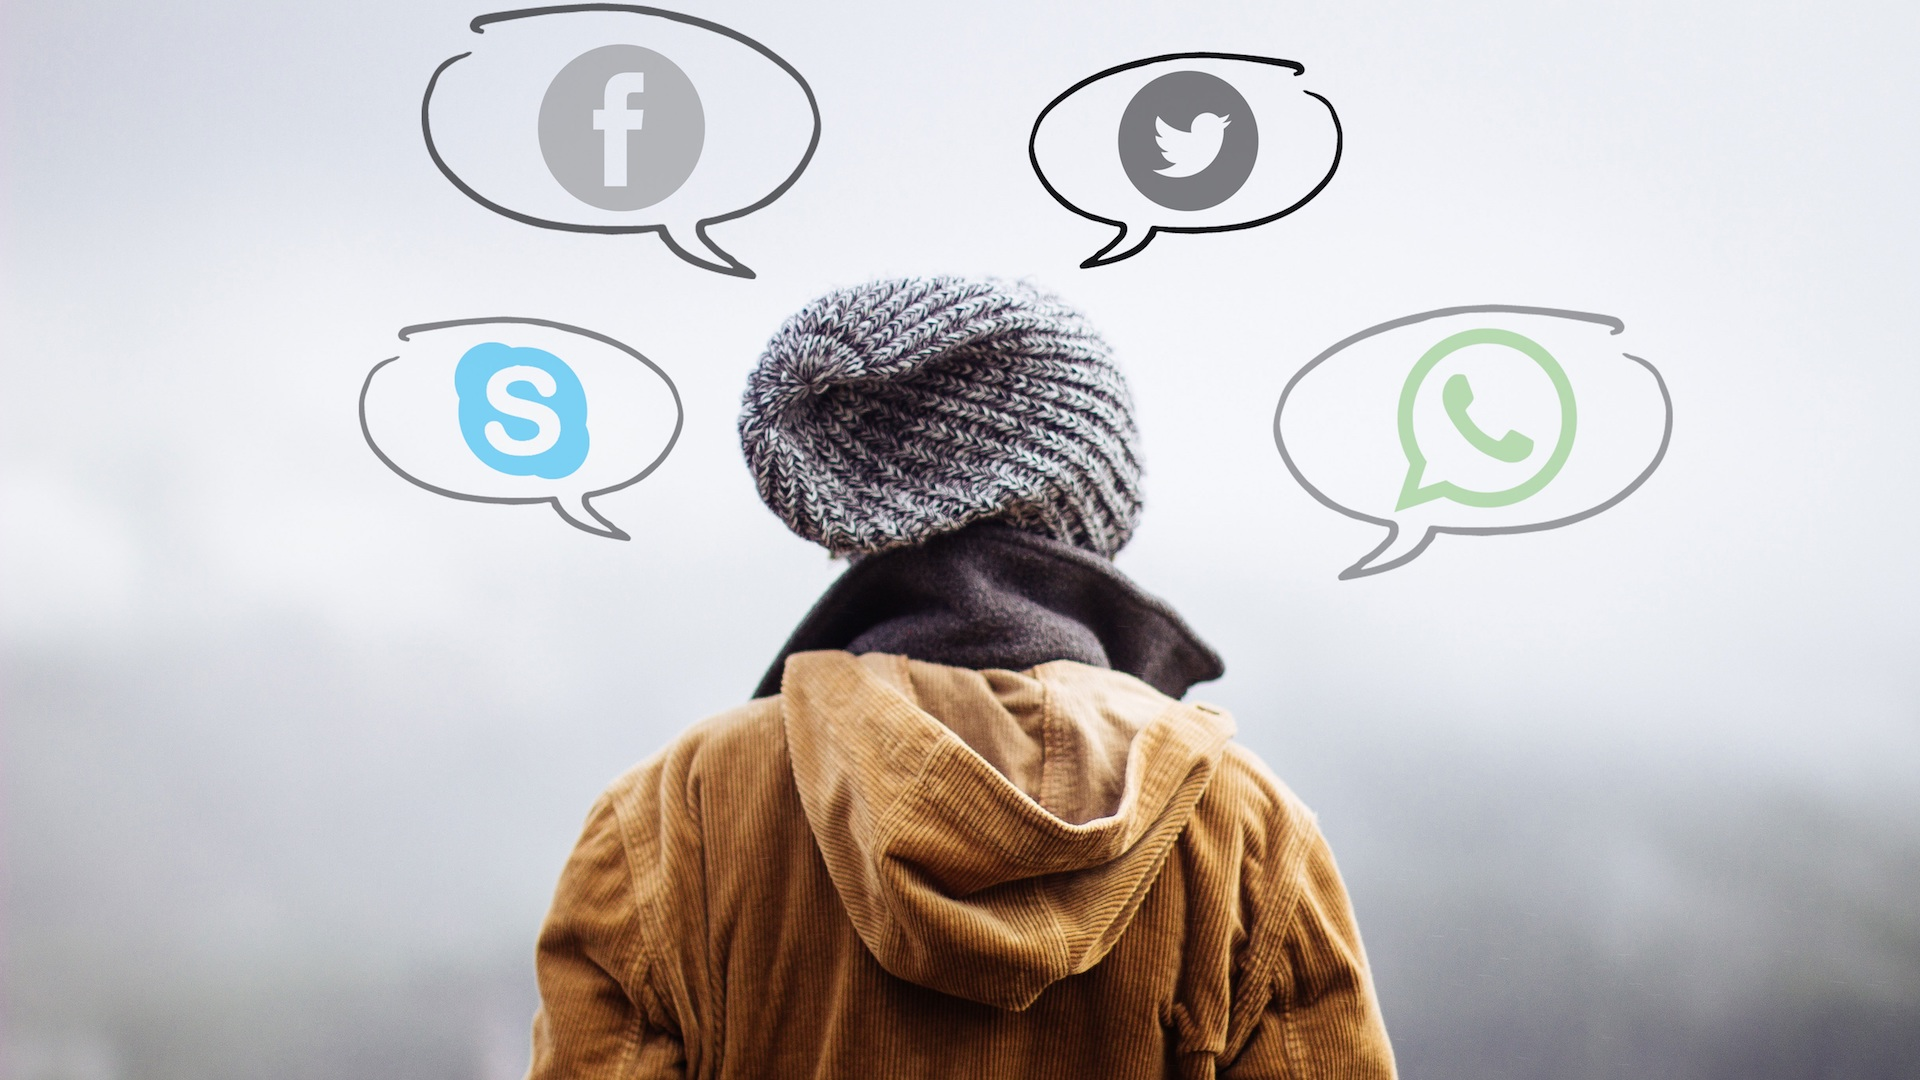 Подбор персонала в социальных сетях, 18-22 июня 2018 года